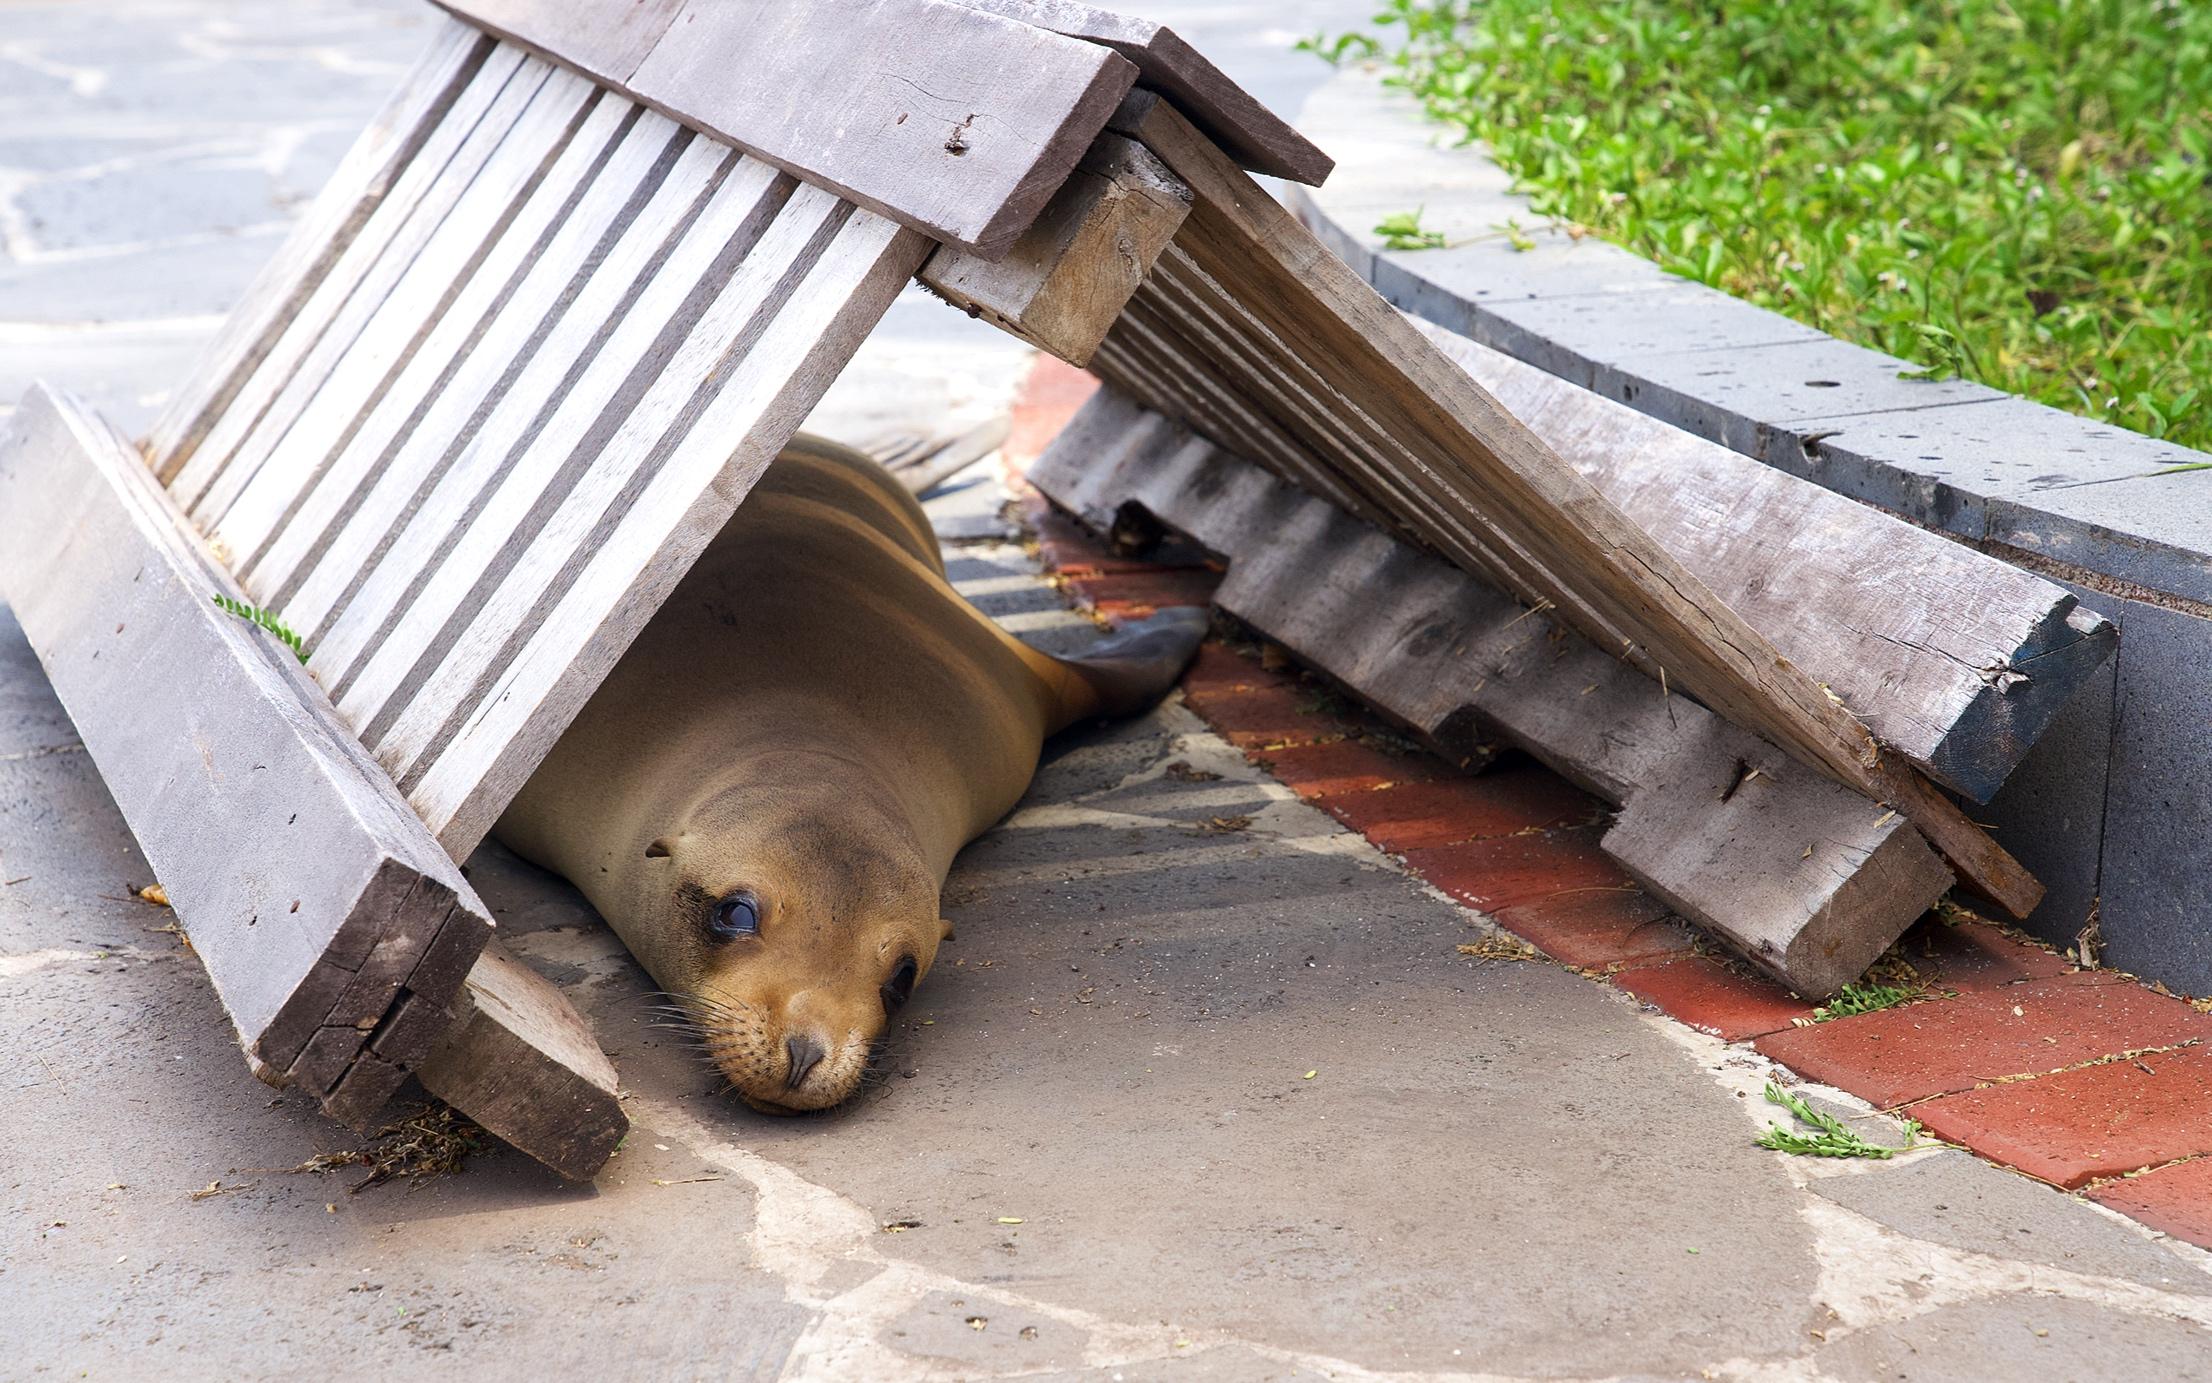 Sea-lion hiding place.